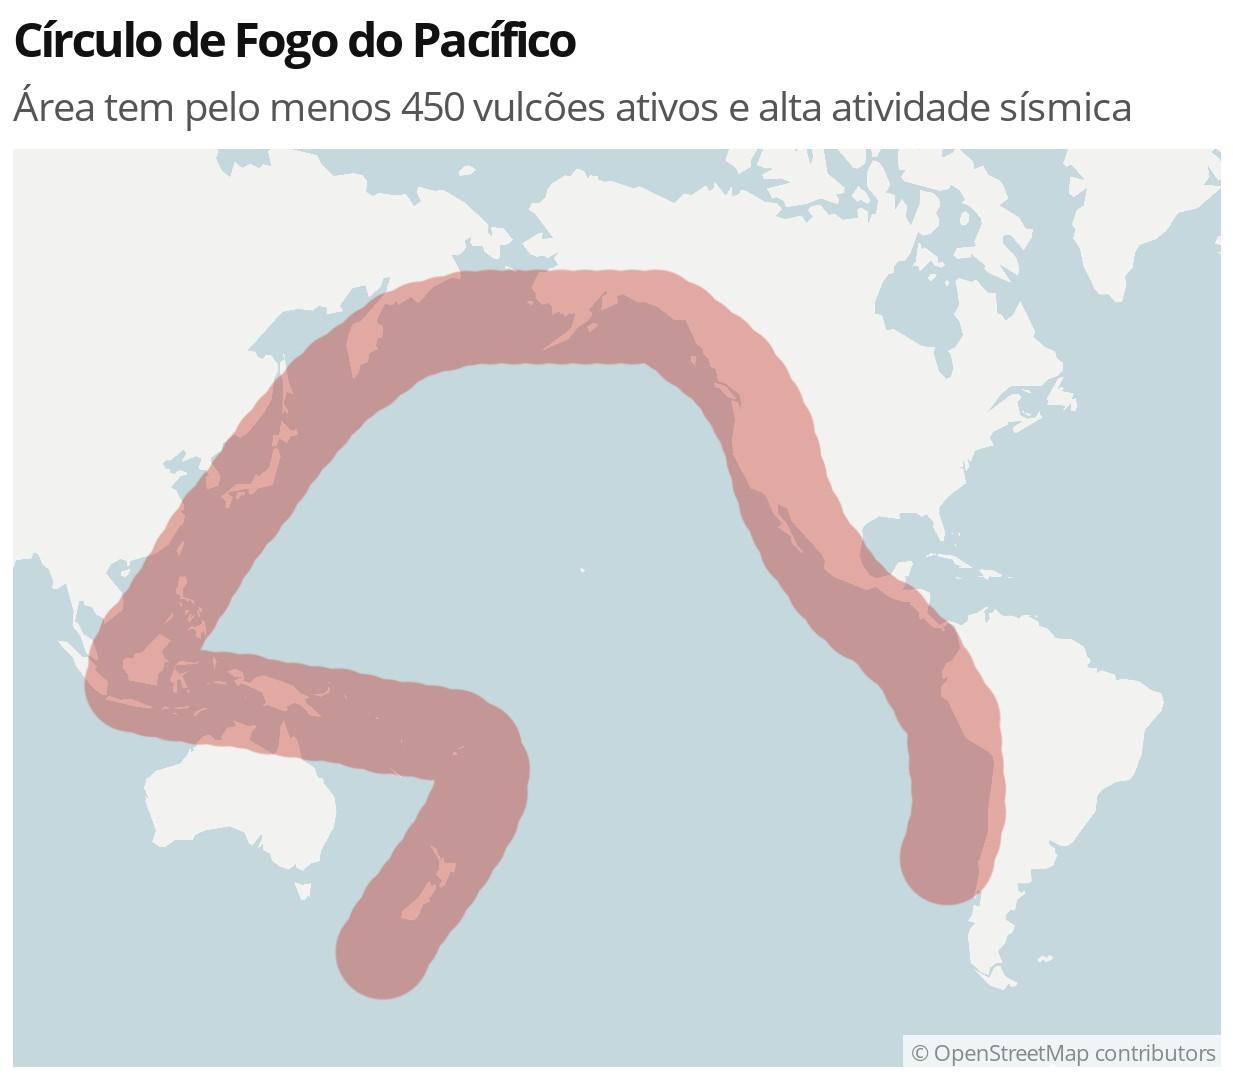 Chile registra novo terremoto na região do deserto do Atacama